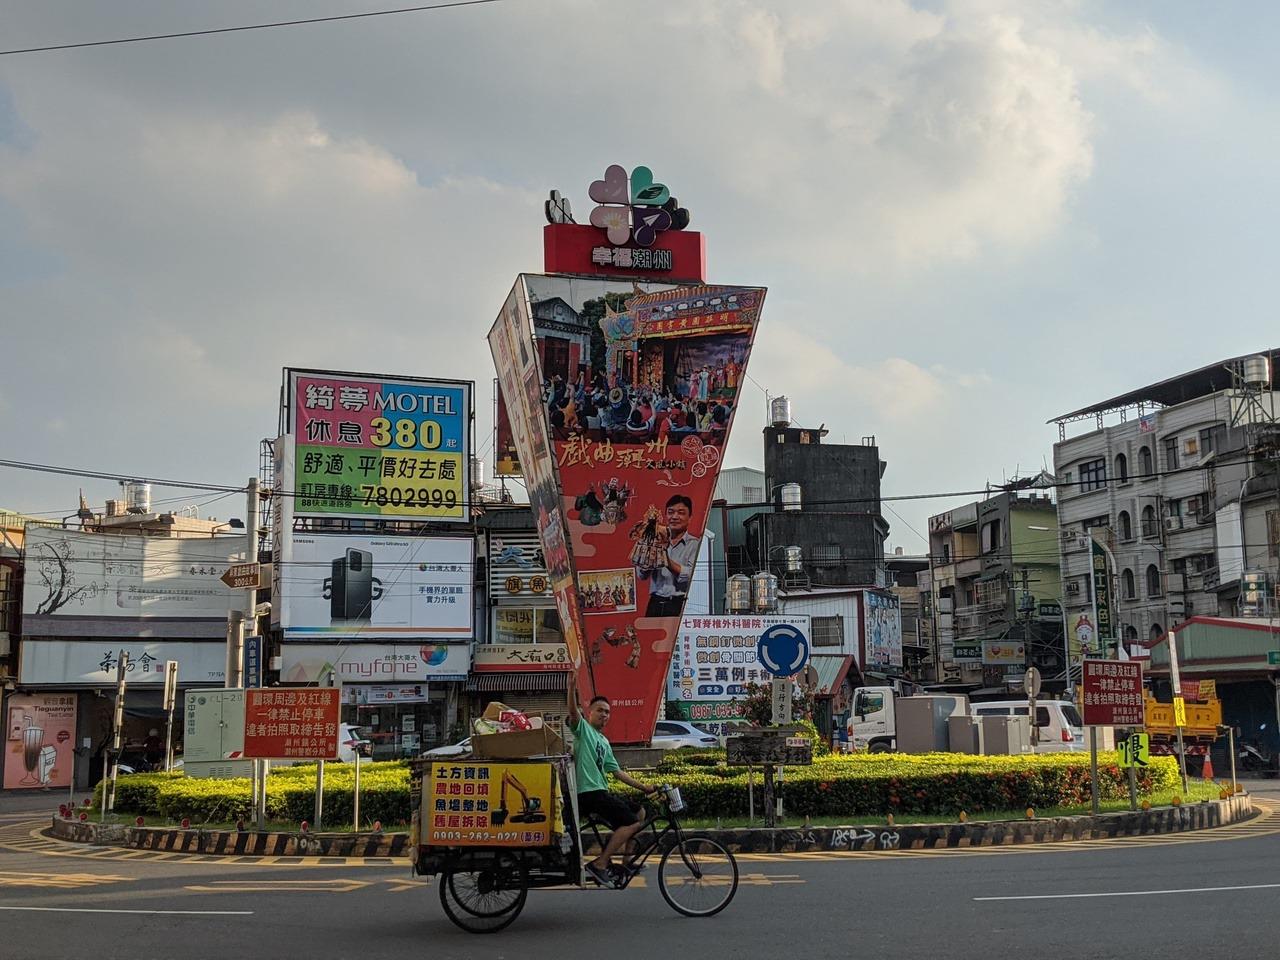 「潮州圓環」這裡分別由六條道路劃分不同的區塊,包辦當地居民與遊客從早吃到晚的各種...